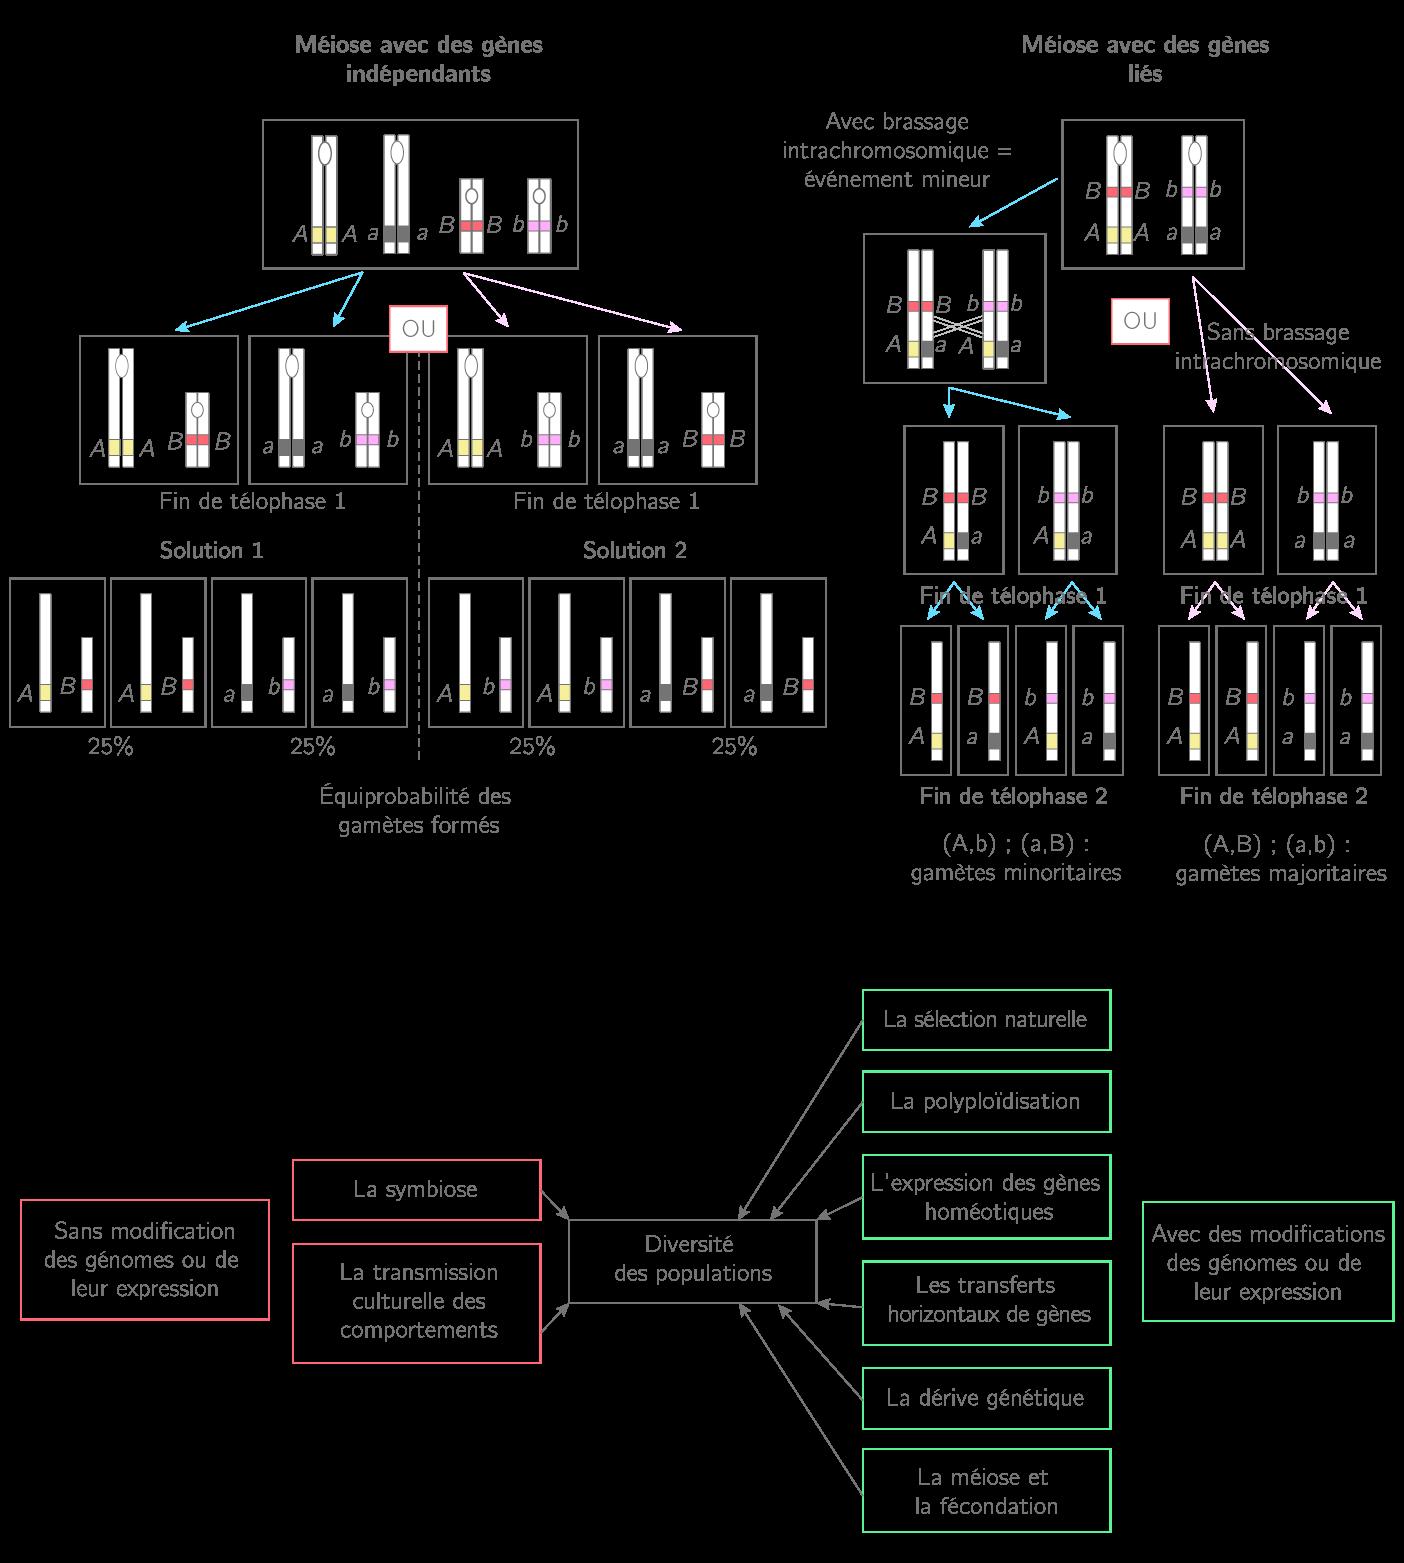 Les différents processus permettant la diversité des génomes